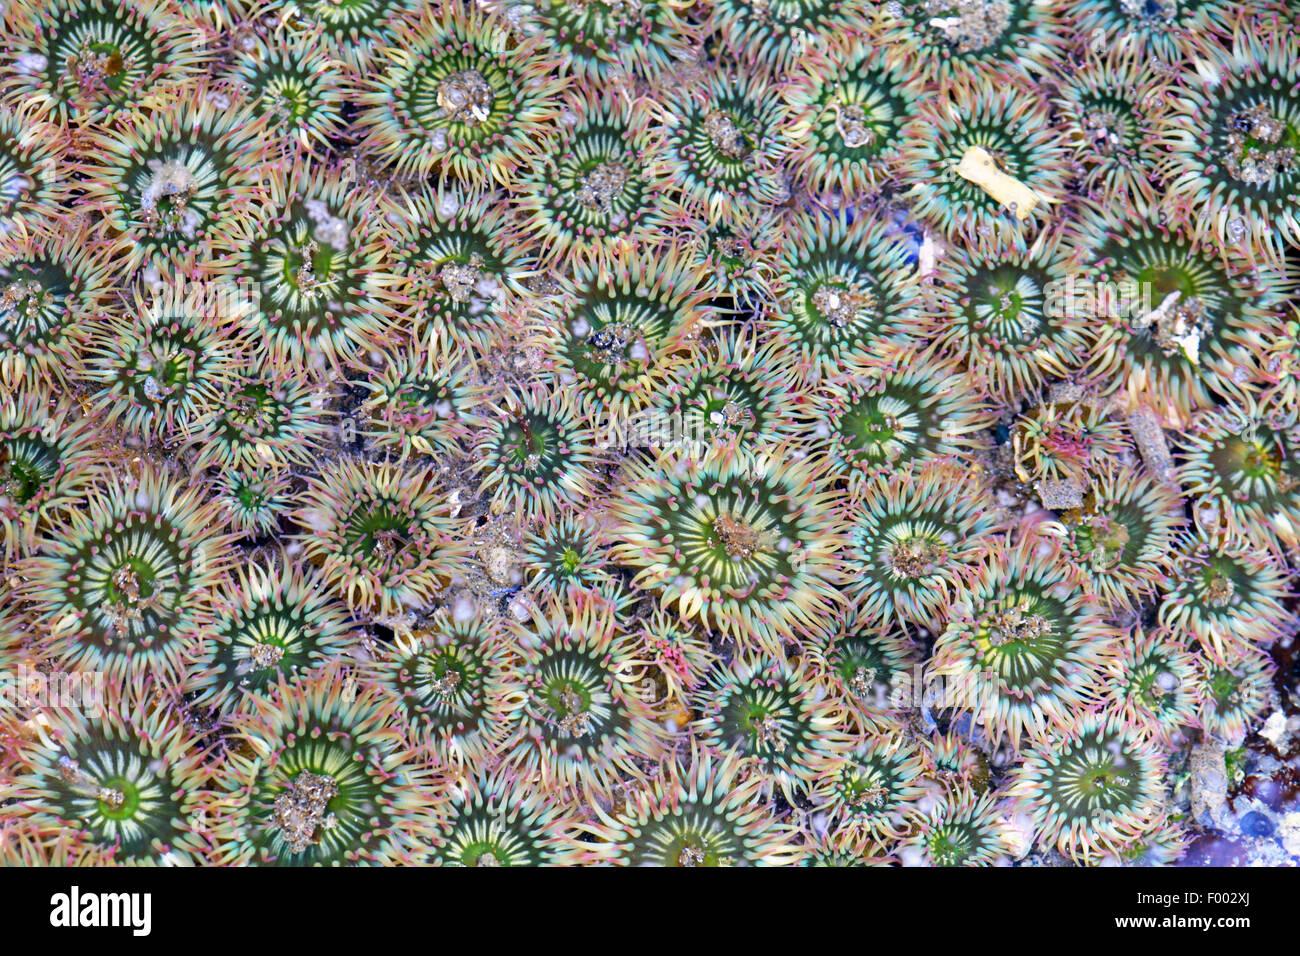 riesige grüne Anemone, große grüne Anemone (Anthopleura Xanthogrammica), Gruppe von Anemonen im flachen Stockbild